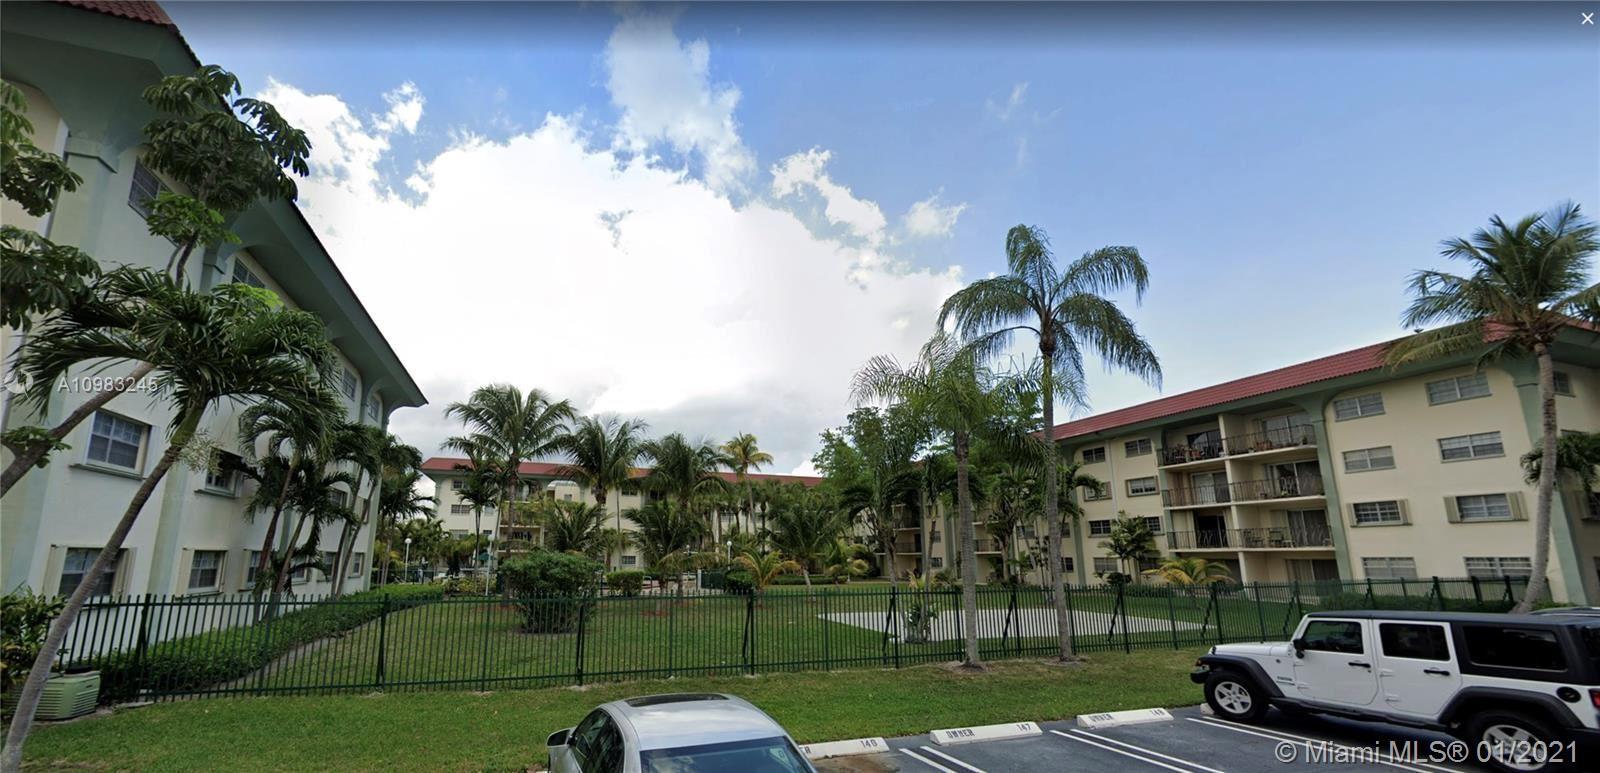 8107 SW 72nd Ave #203E, Miami, FL 33143 - #: A10983245